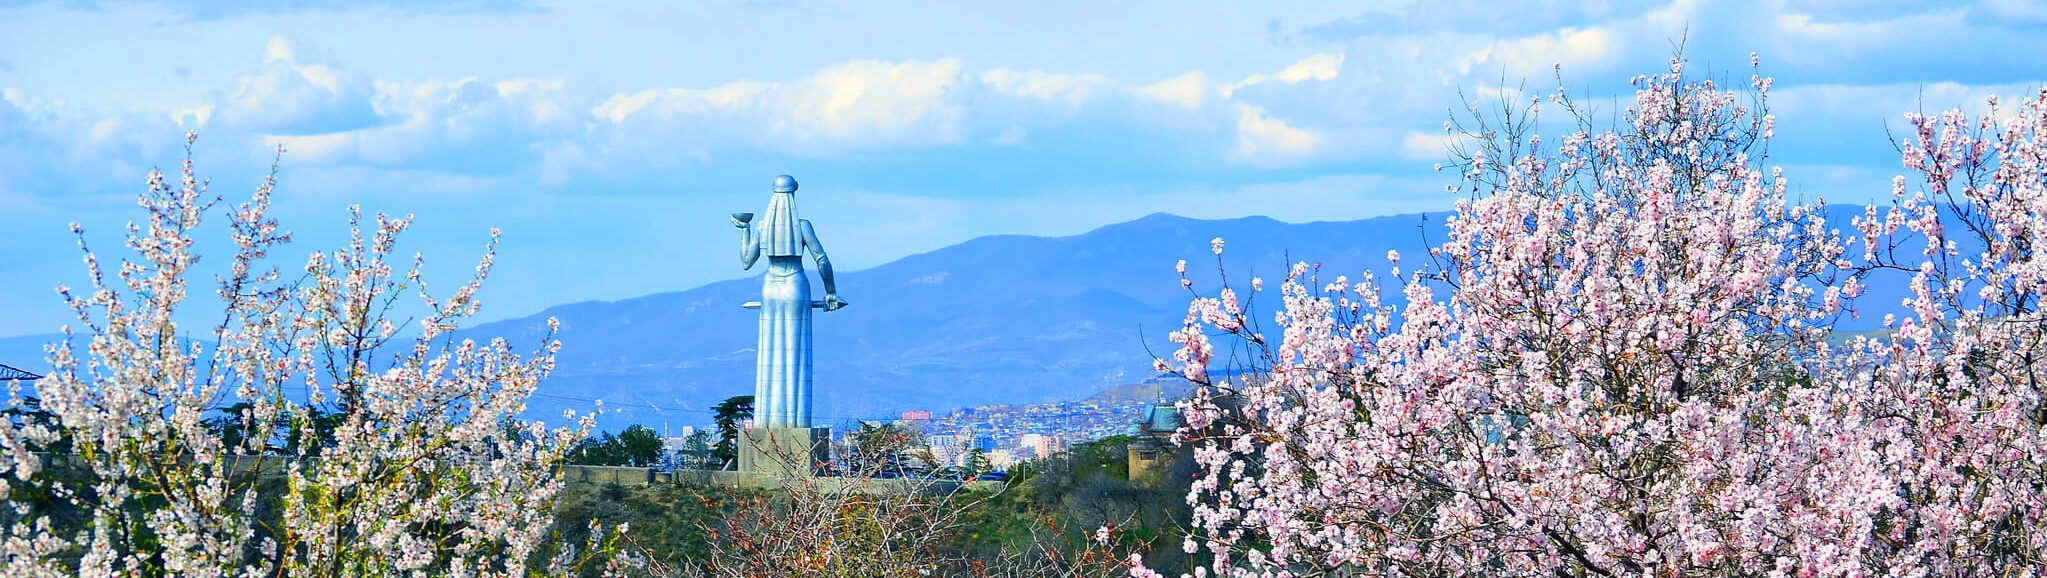 Что обязательно посмотреть в Тбилиси - монумент Мать-Грузия